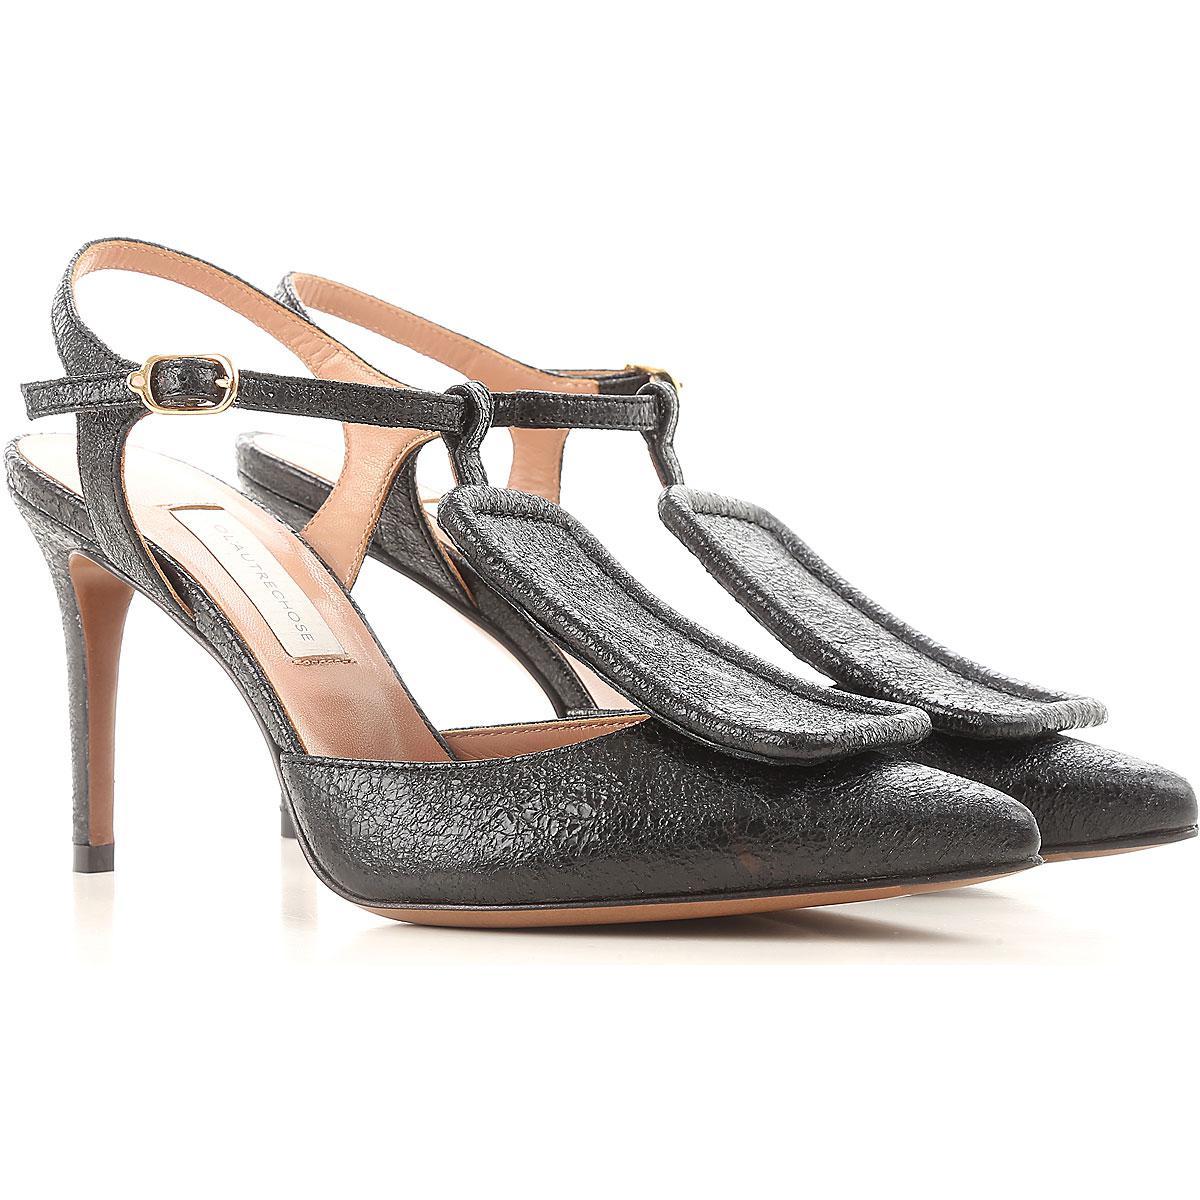 67fbe636b23 Lyst - L Autre Chose Shoes For Women